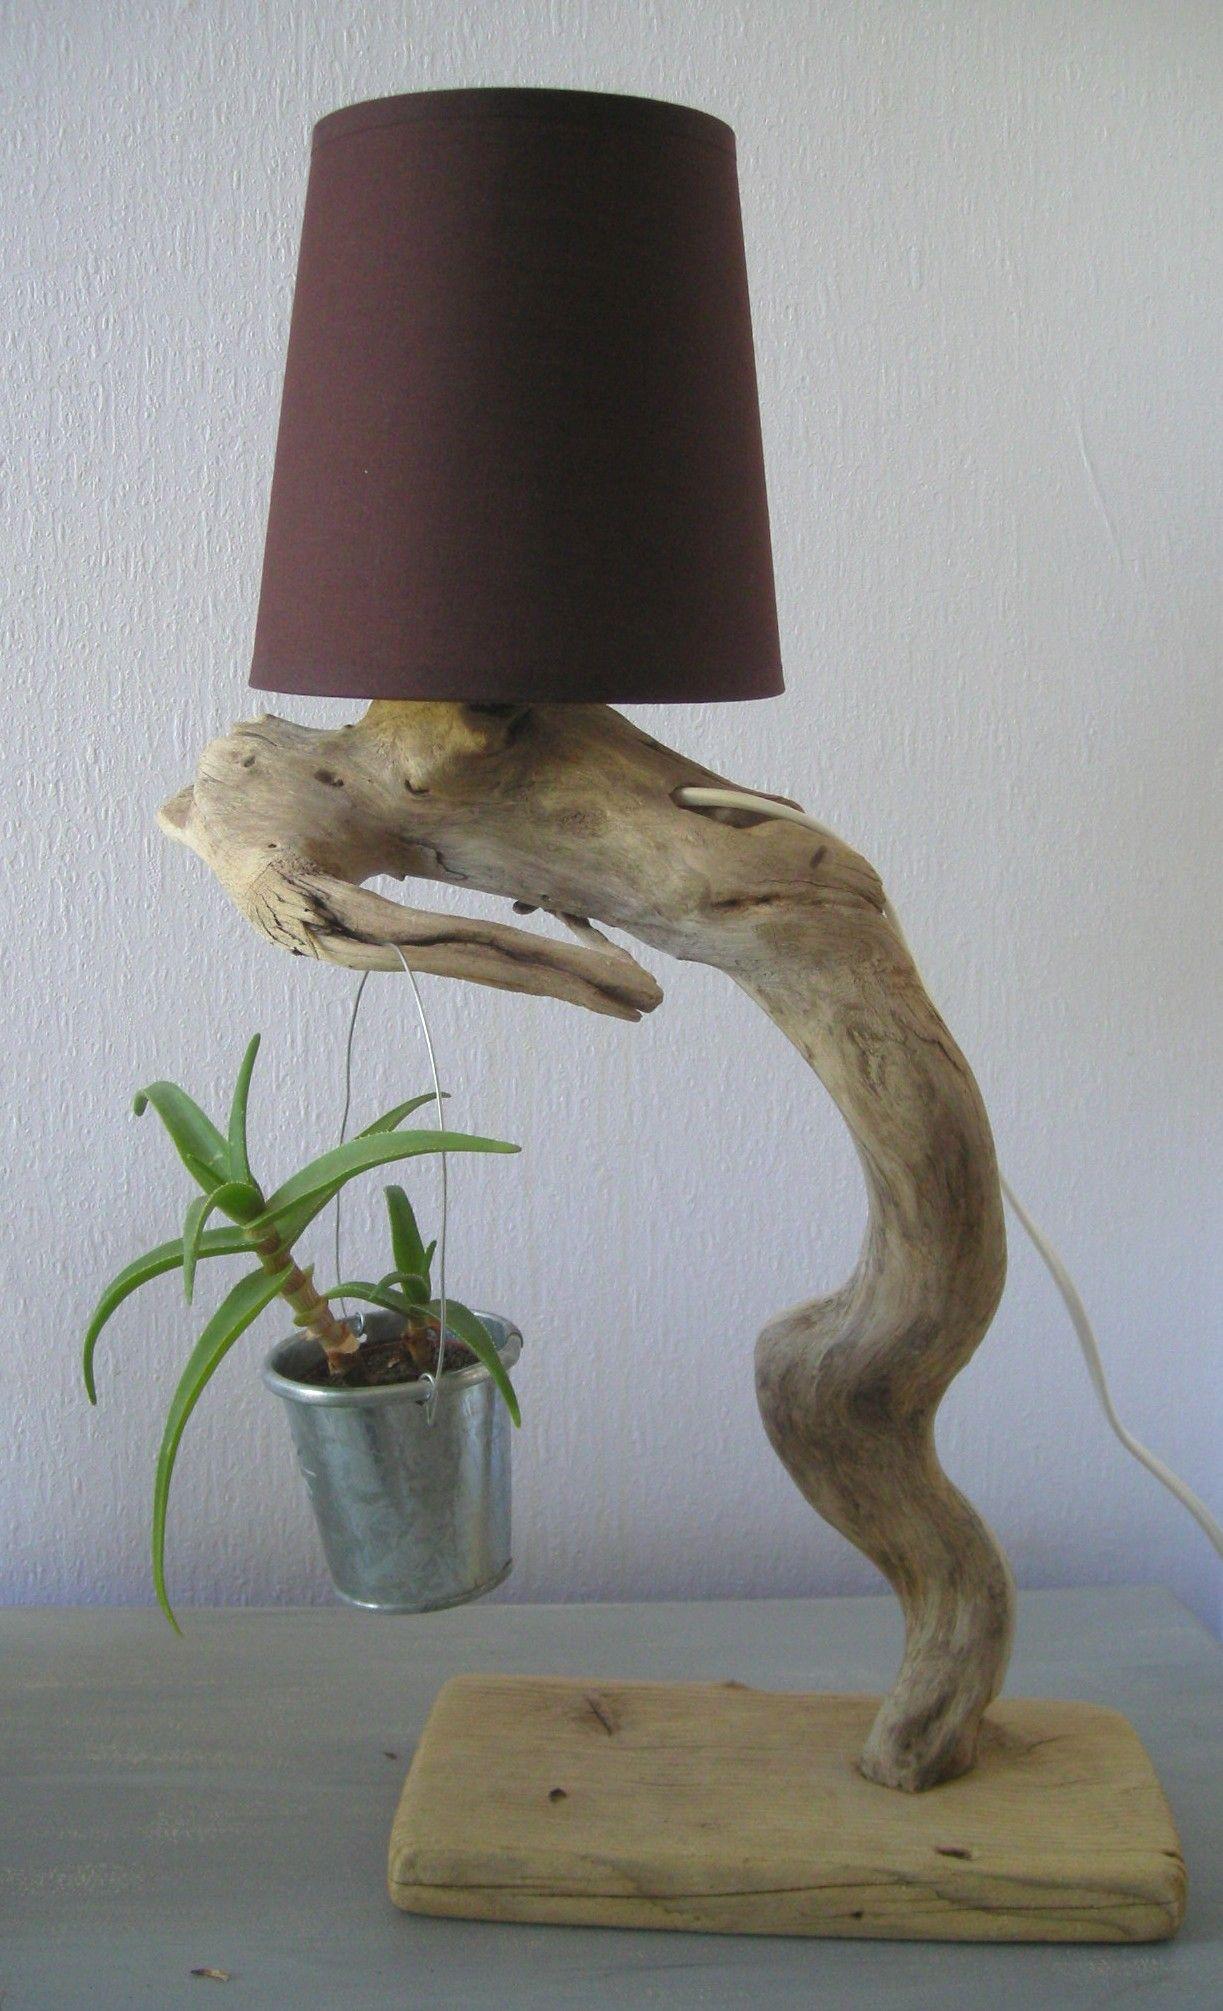 Lampes en bois flott cr ations au fil de l 39 eau bois for Chandelier bois flotte